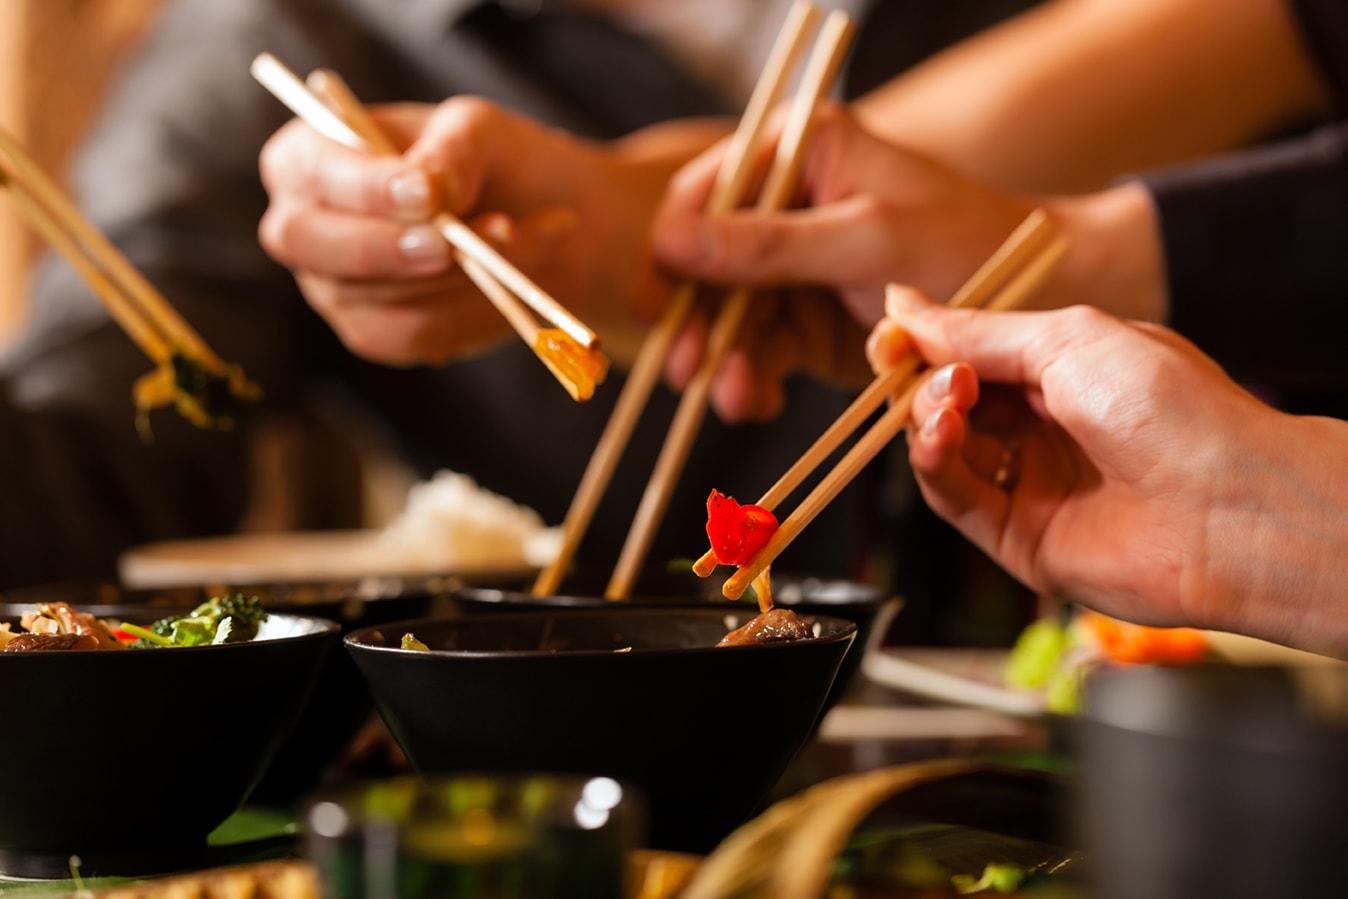 all you can eat cena 14,90€ al ristorante Midori